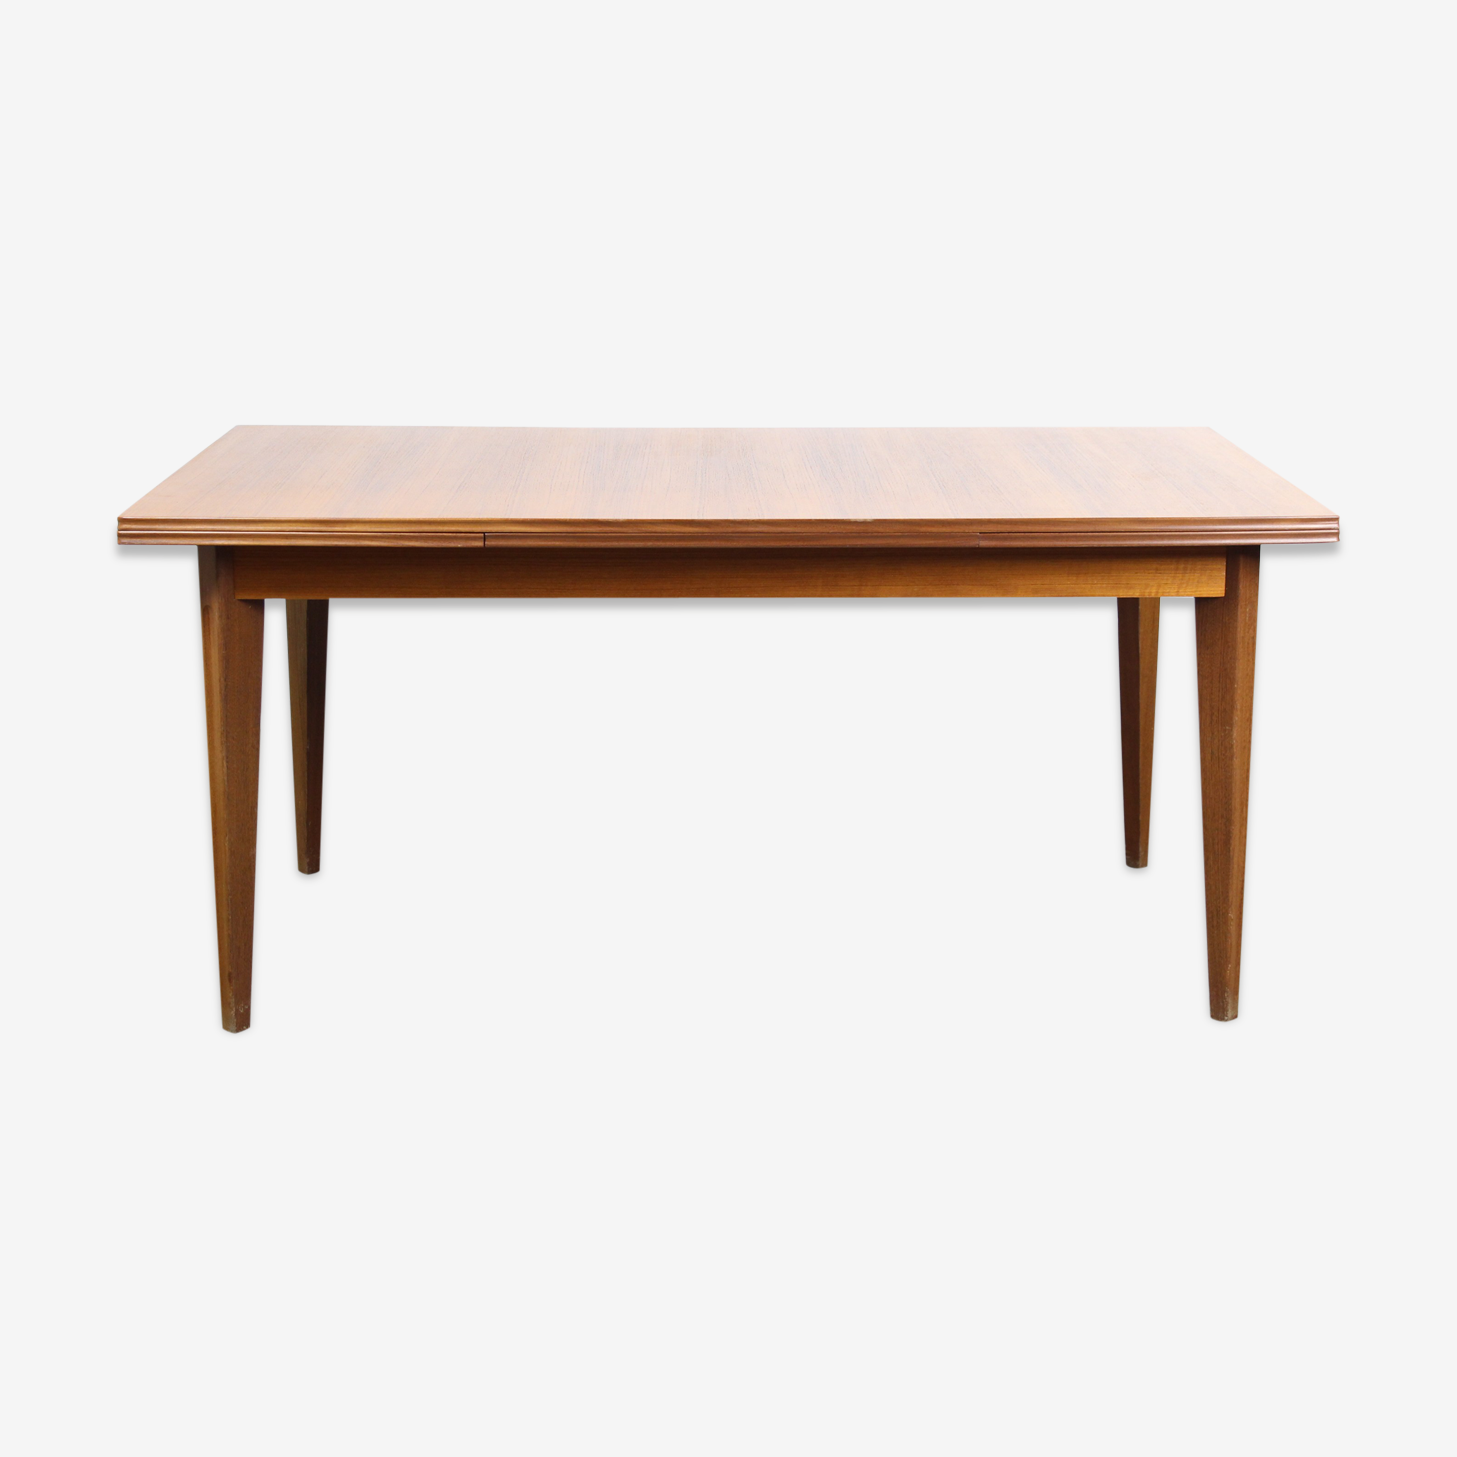 Table de repas scandinave rectangulaire en teck